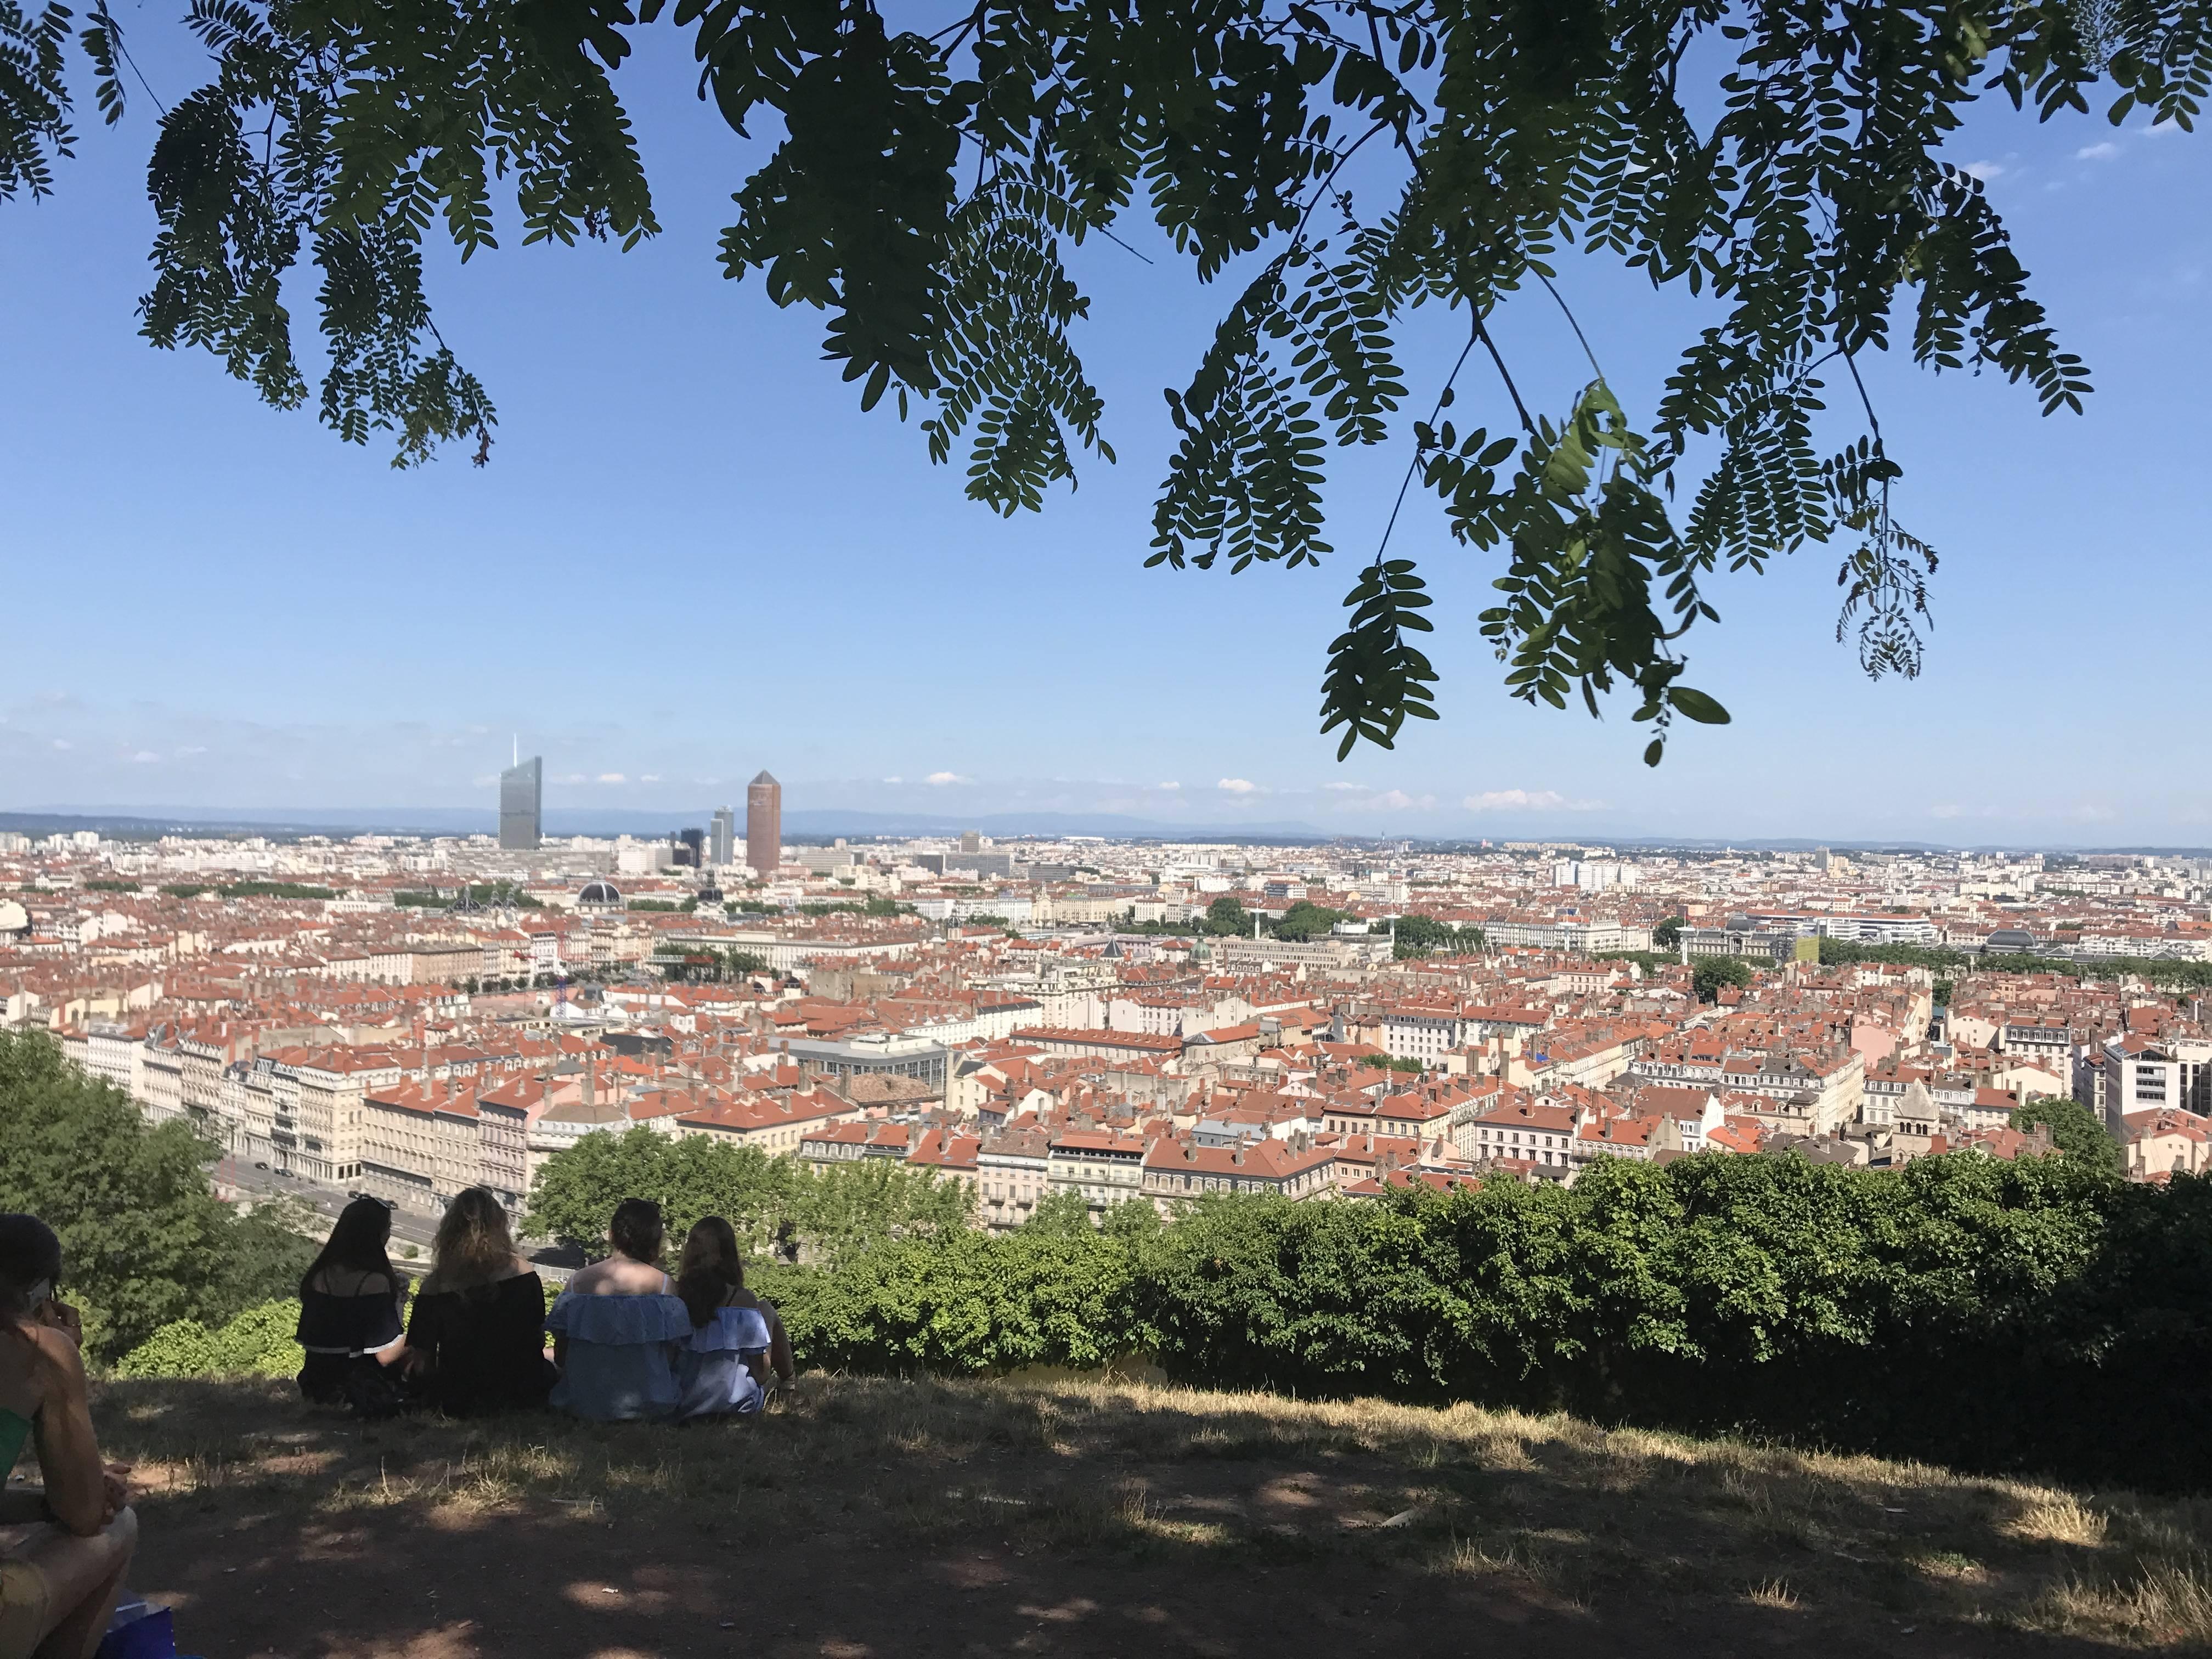 Photo 3: Le jardin des curiosités - une vue sur Lyon